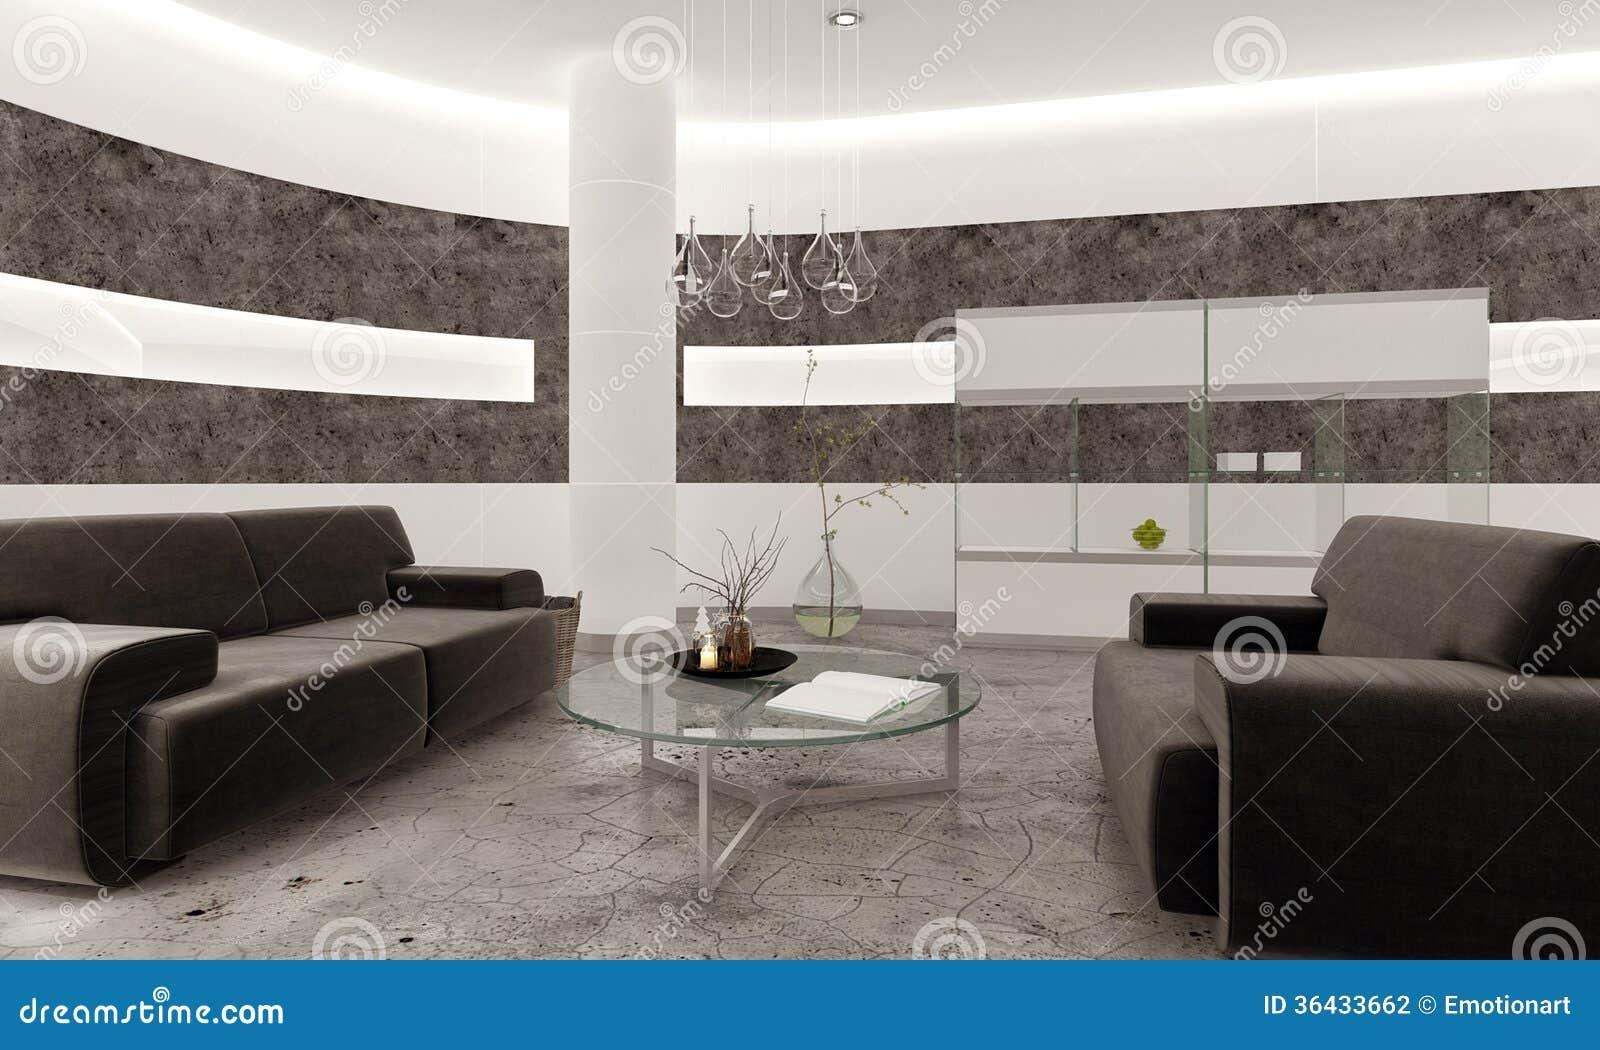 piso de concreto sala de estar Interior Moderno De La Sala De Estar Con Las Tejas De Piedra